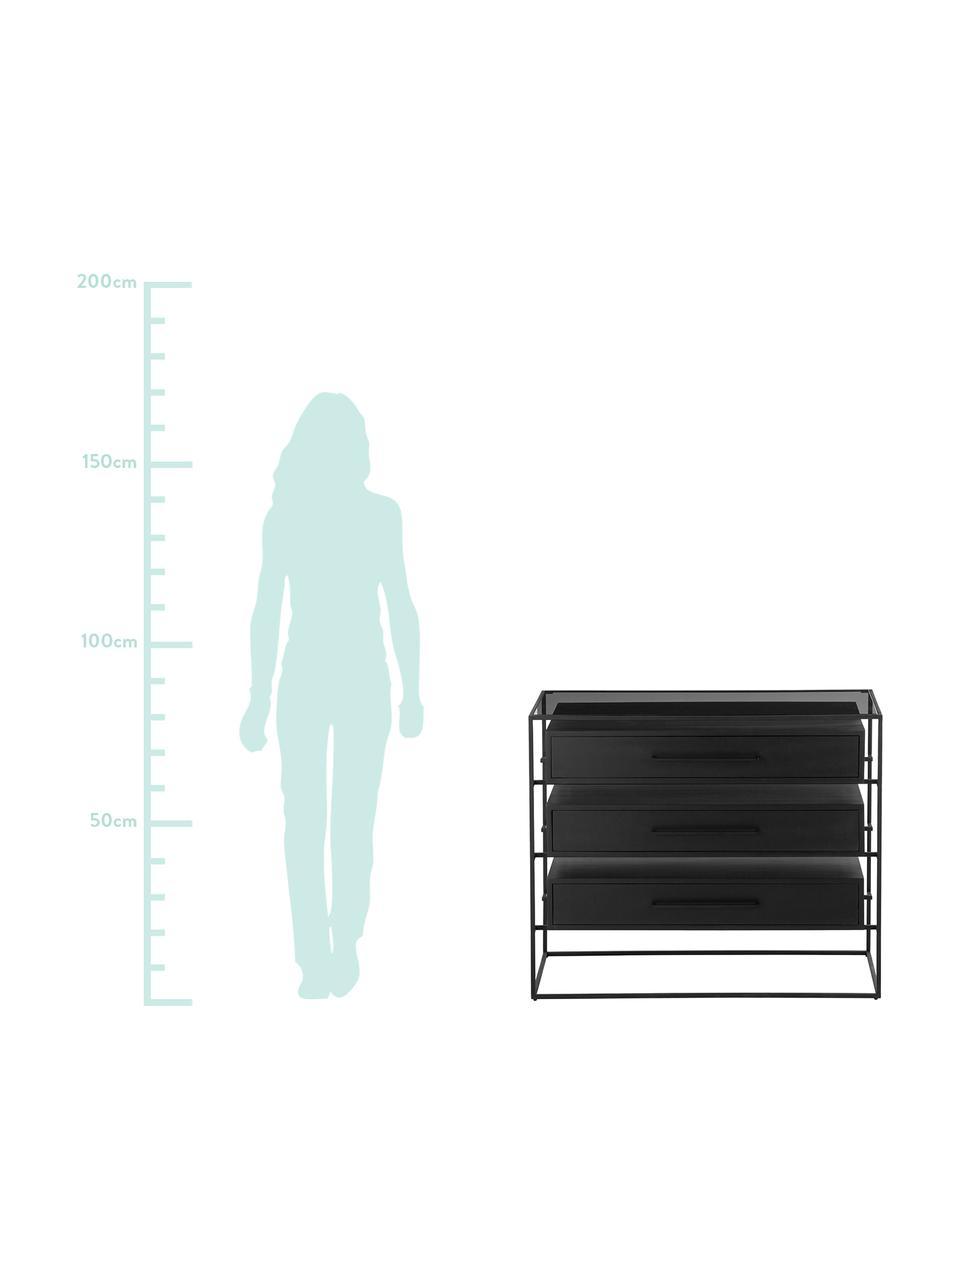 Cassettiera con piano in vetro Lyle, Mensola: vetro, Cassetti: legno di mango, nero verniciato Struttura e maniglie: nero opaco, Larg. 100 x Alt. 82 cm